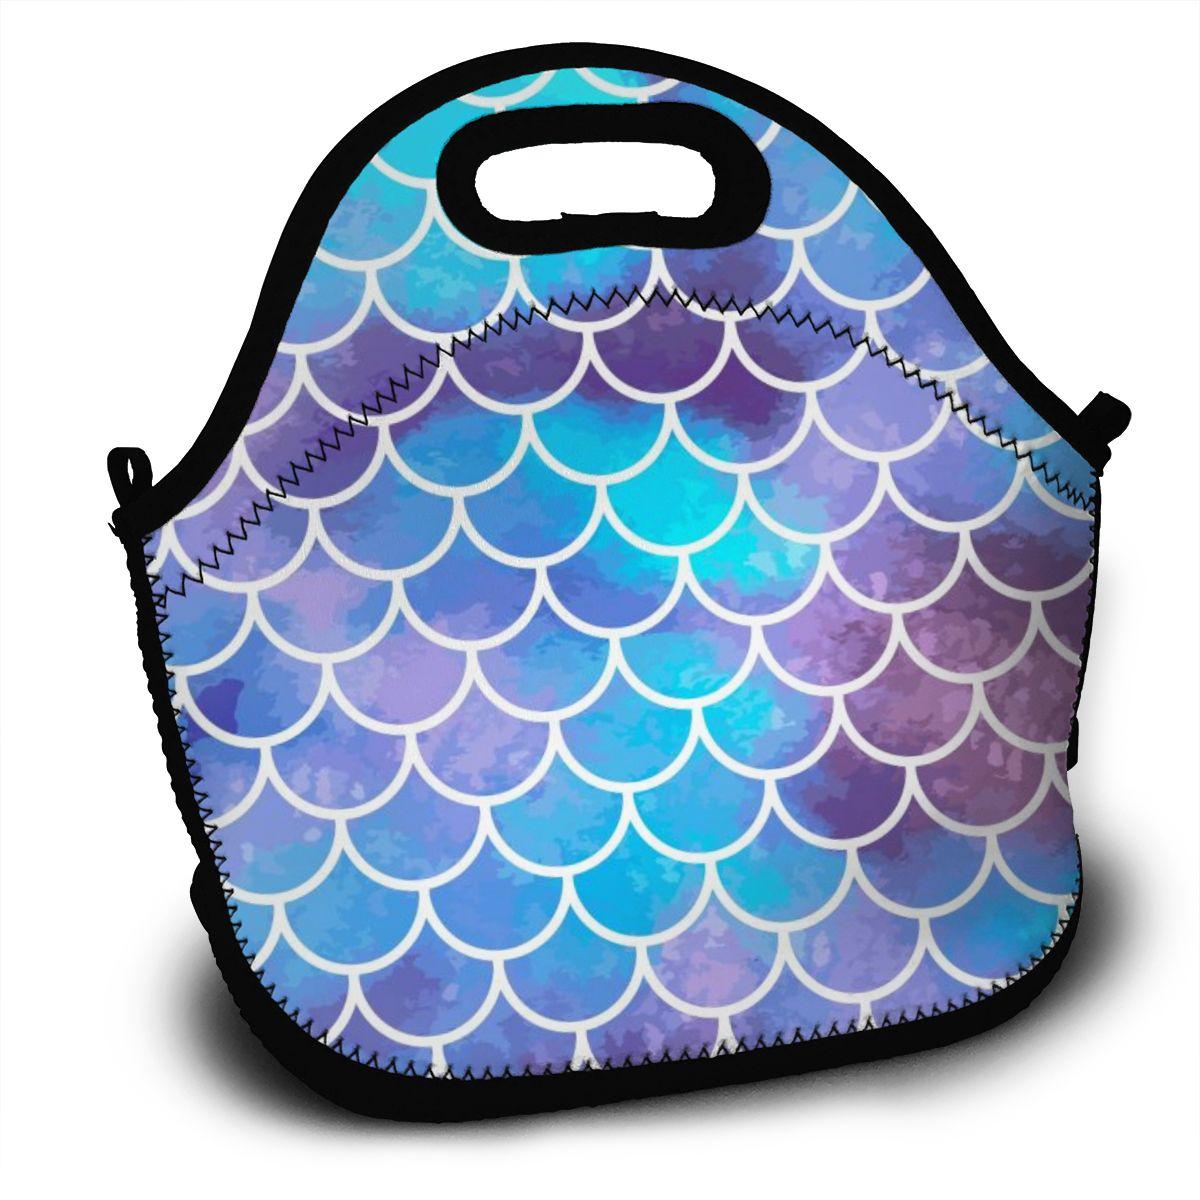 Bolsa de Almoço Bolsas para o Trabalho Portátil Sereia Escalas Peixe Azul Impressão Feminina Reutilizável Almoço Pinic Viagem 2020 Bolsas Casuais